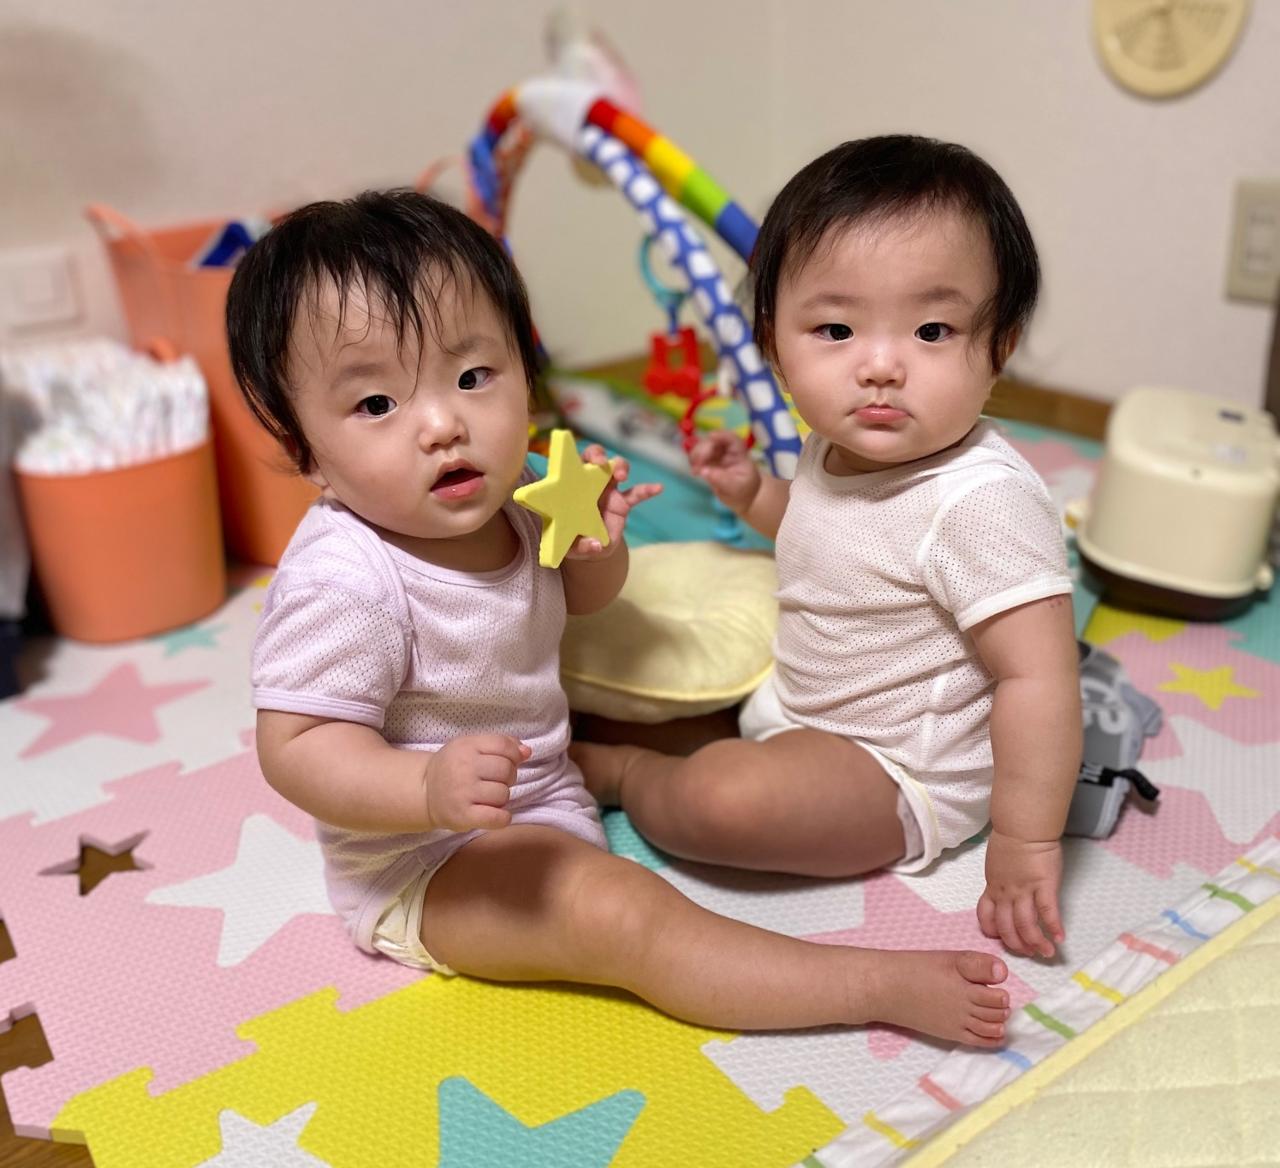 """多胎児の赤ちゃんは早産で小さく生むケースが多いが、単胎で生まれた子どもたちとの体格差は1歳くらいまでに急速に縮む。  <small class=""""font-small"""">写真:松倉和華子</small>"""